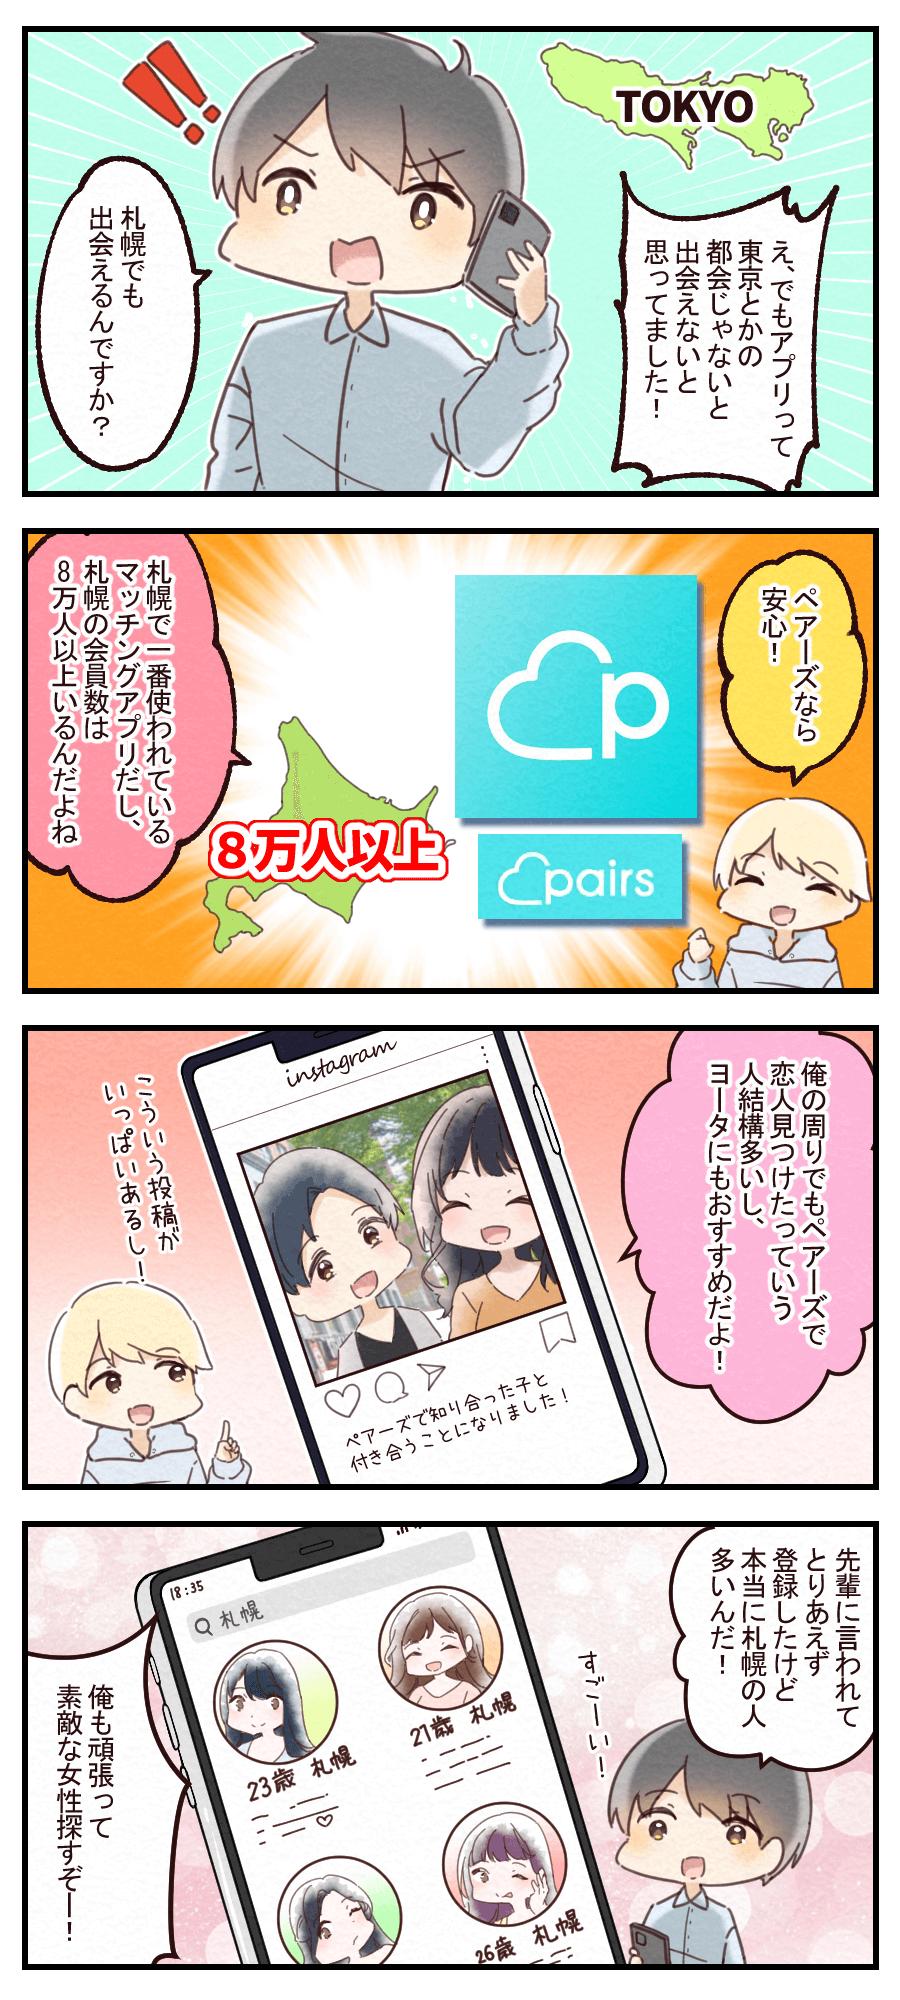 マッチングアプリ札幌2